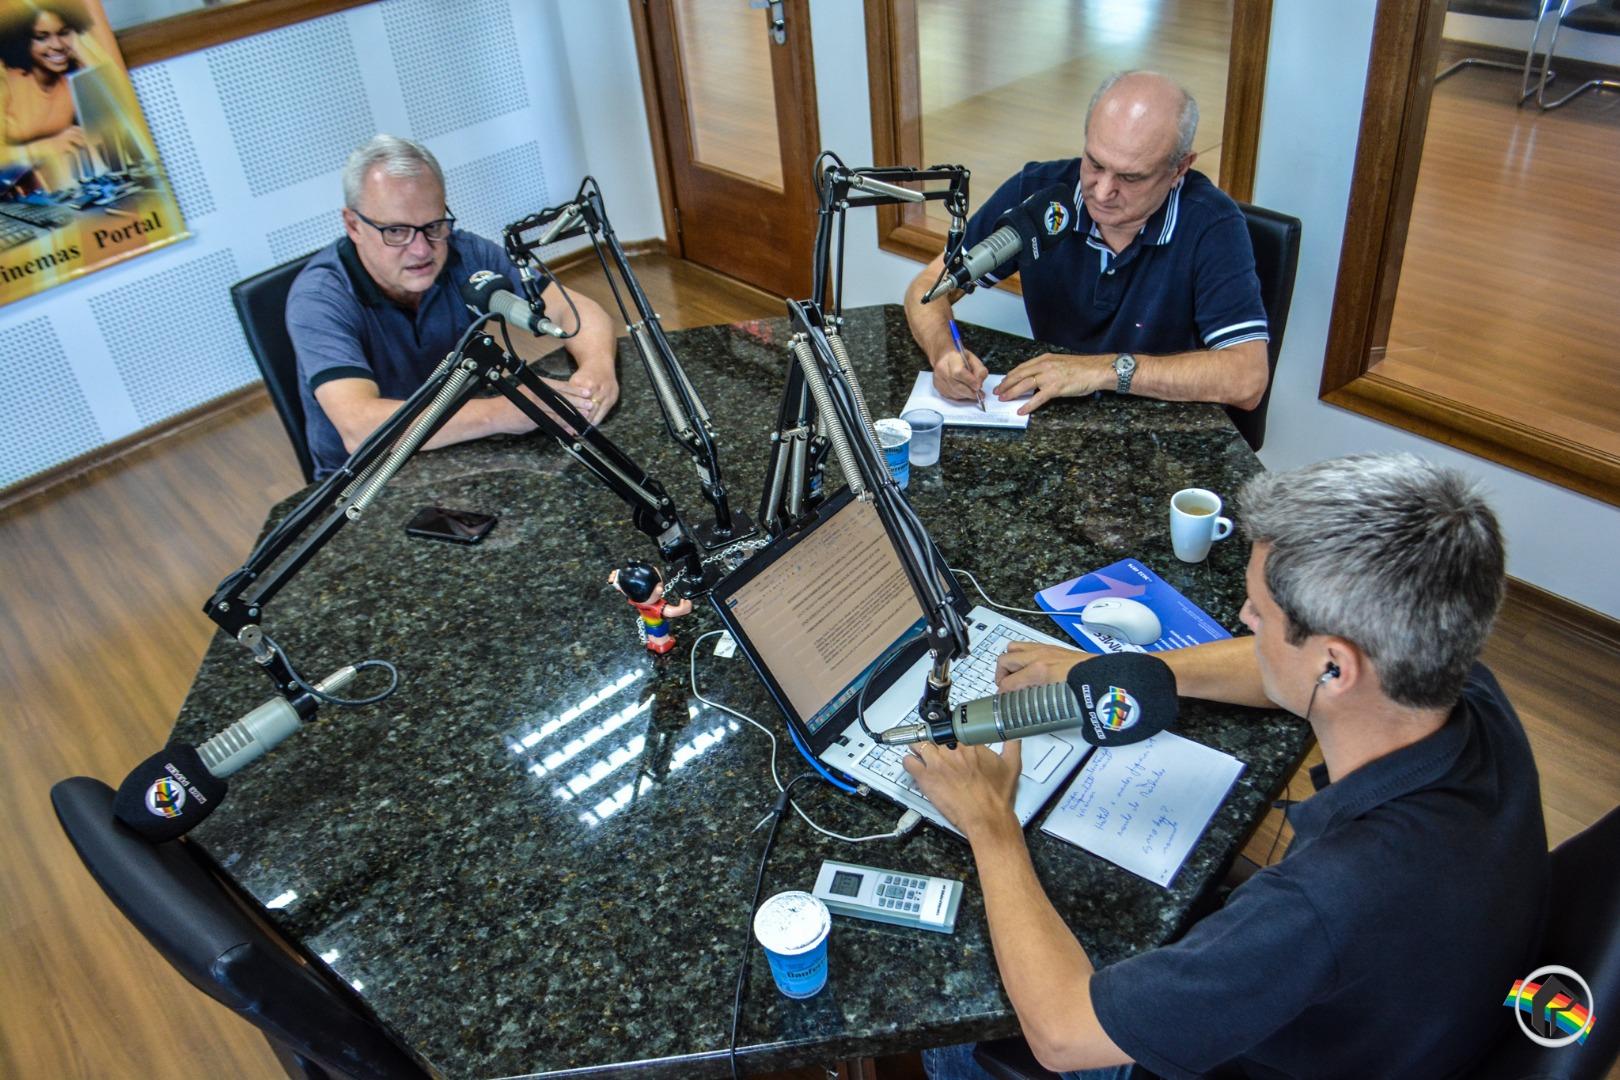 Gerente regional da Celesc fala sobre os investimentos